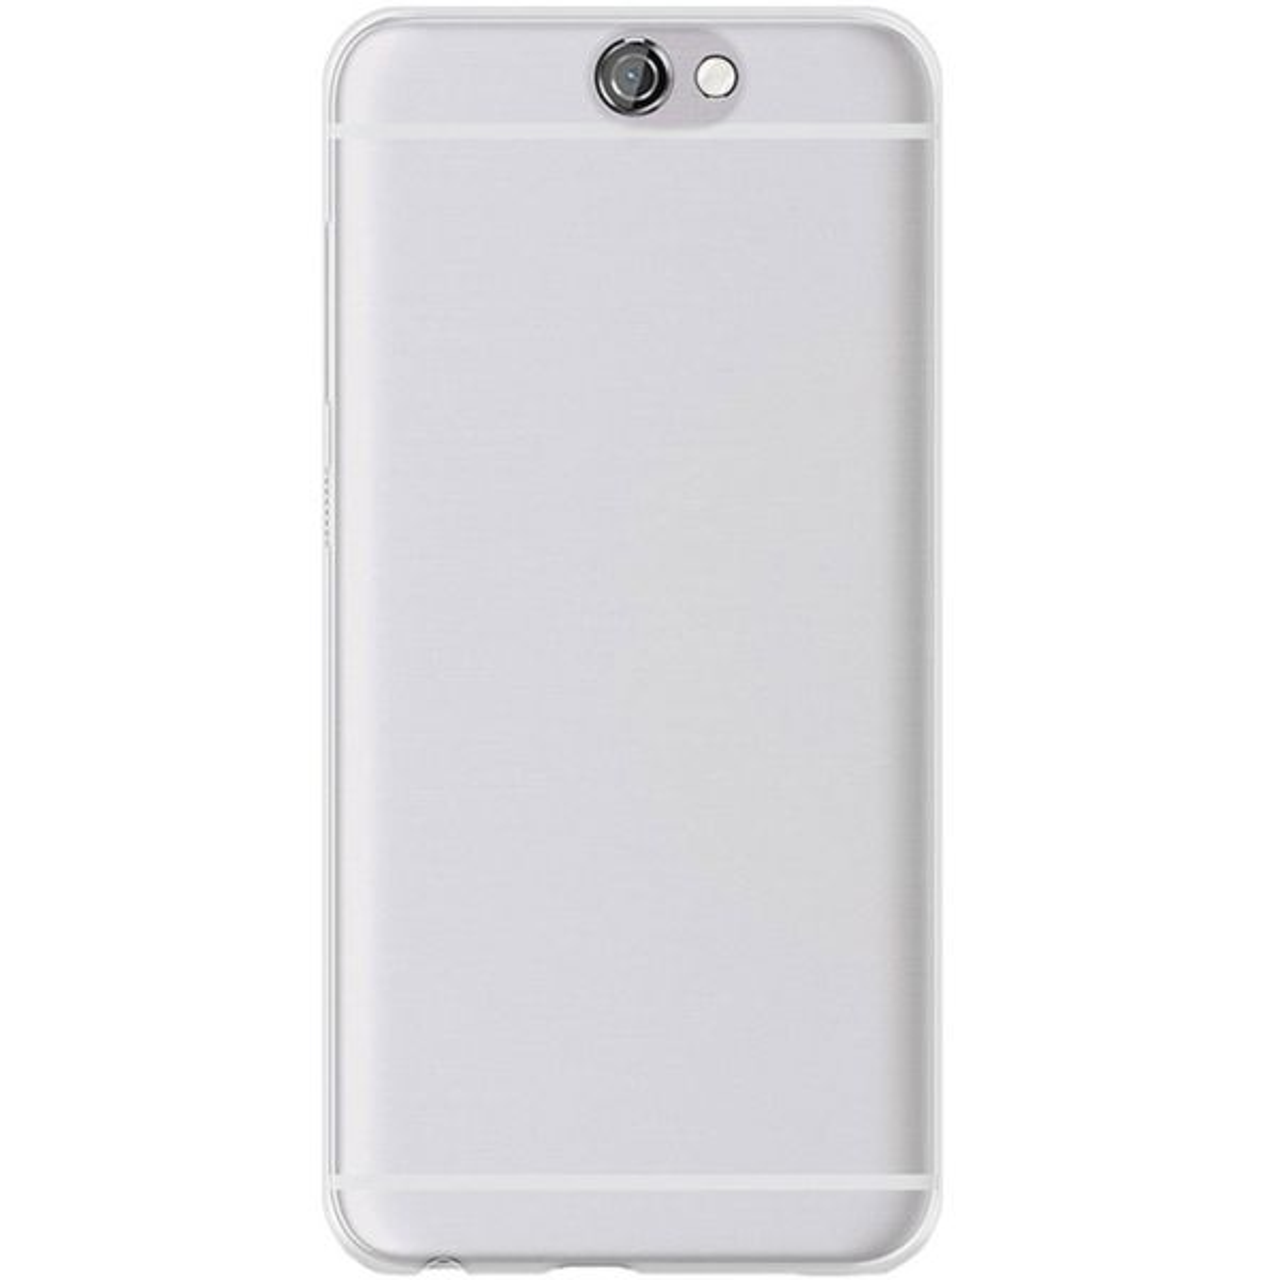 کاور پورو مدل Ultra Slim 0.3 مناسب برای گوشی موبایل اچ تی سی ONE A9